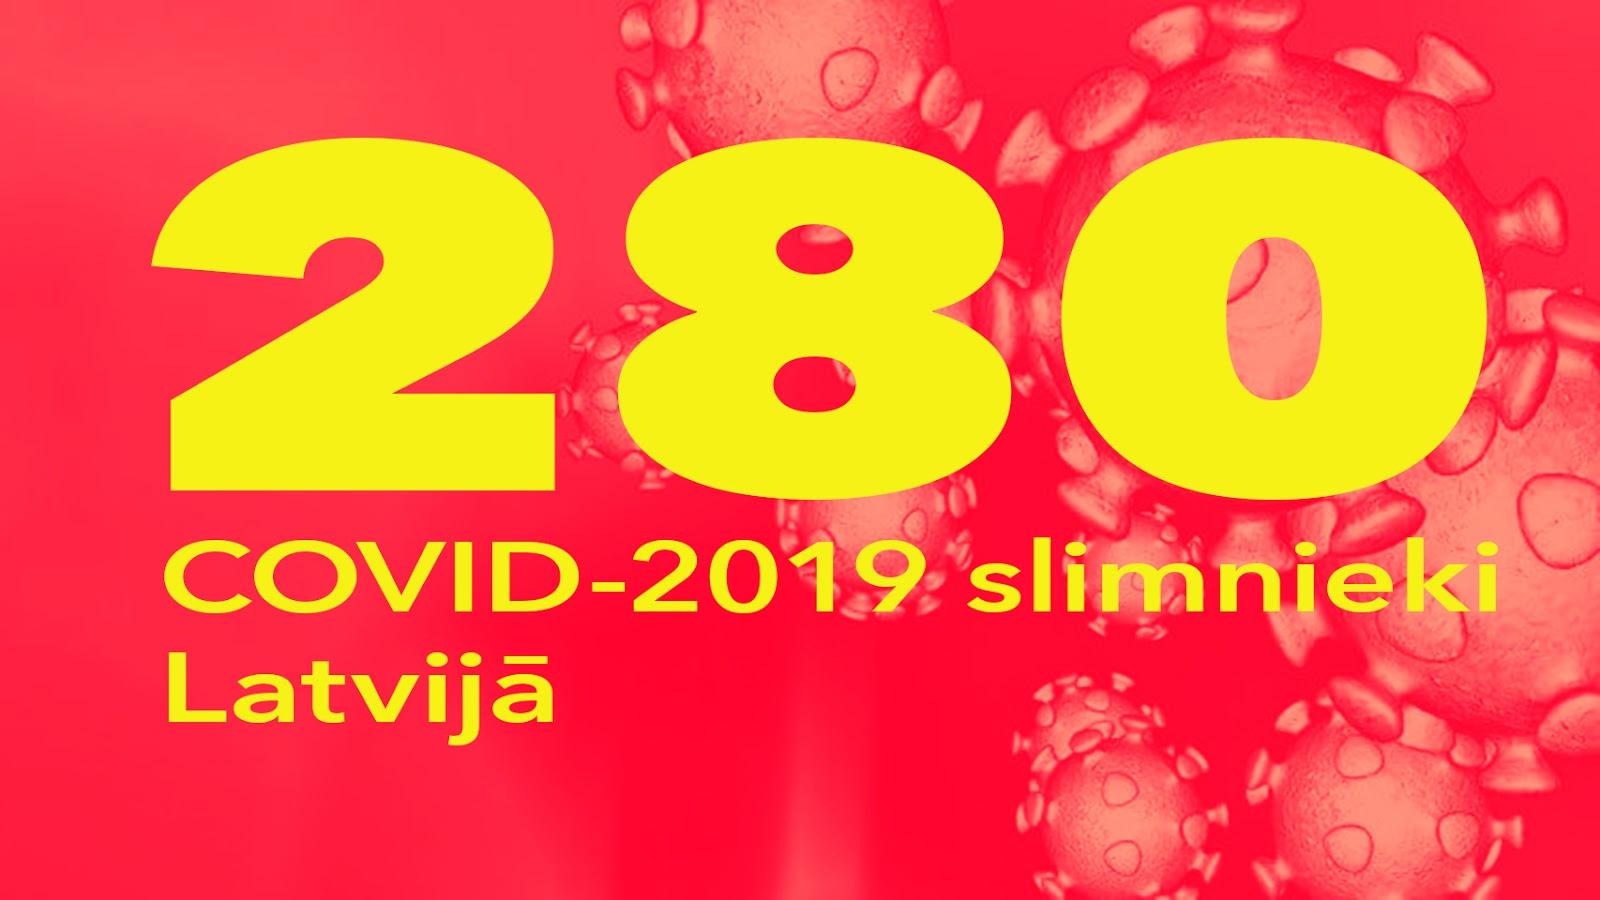 Koronavīrusa saslimušo skaits Latvijā 27.03.2020.